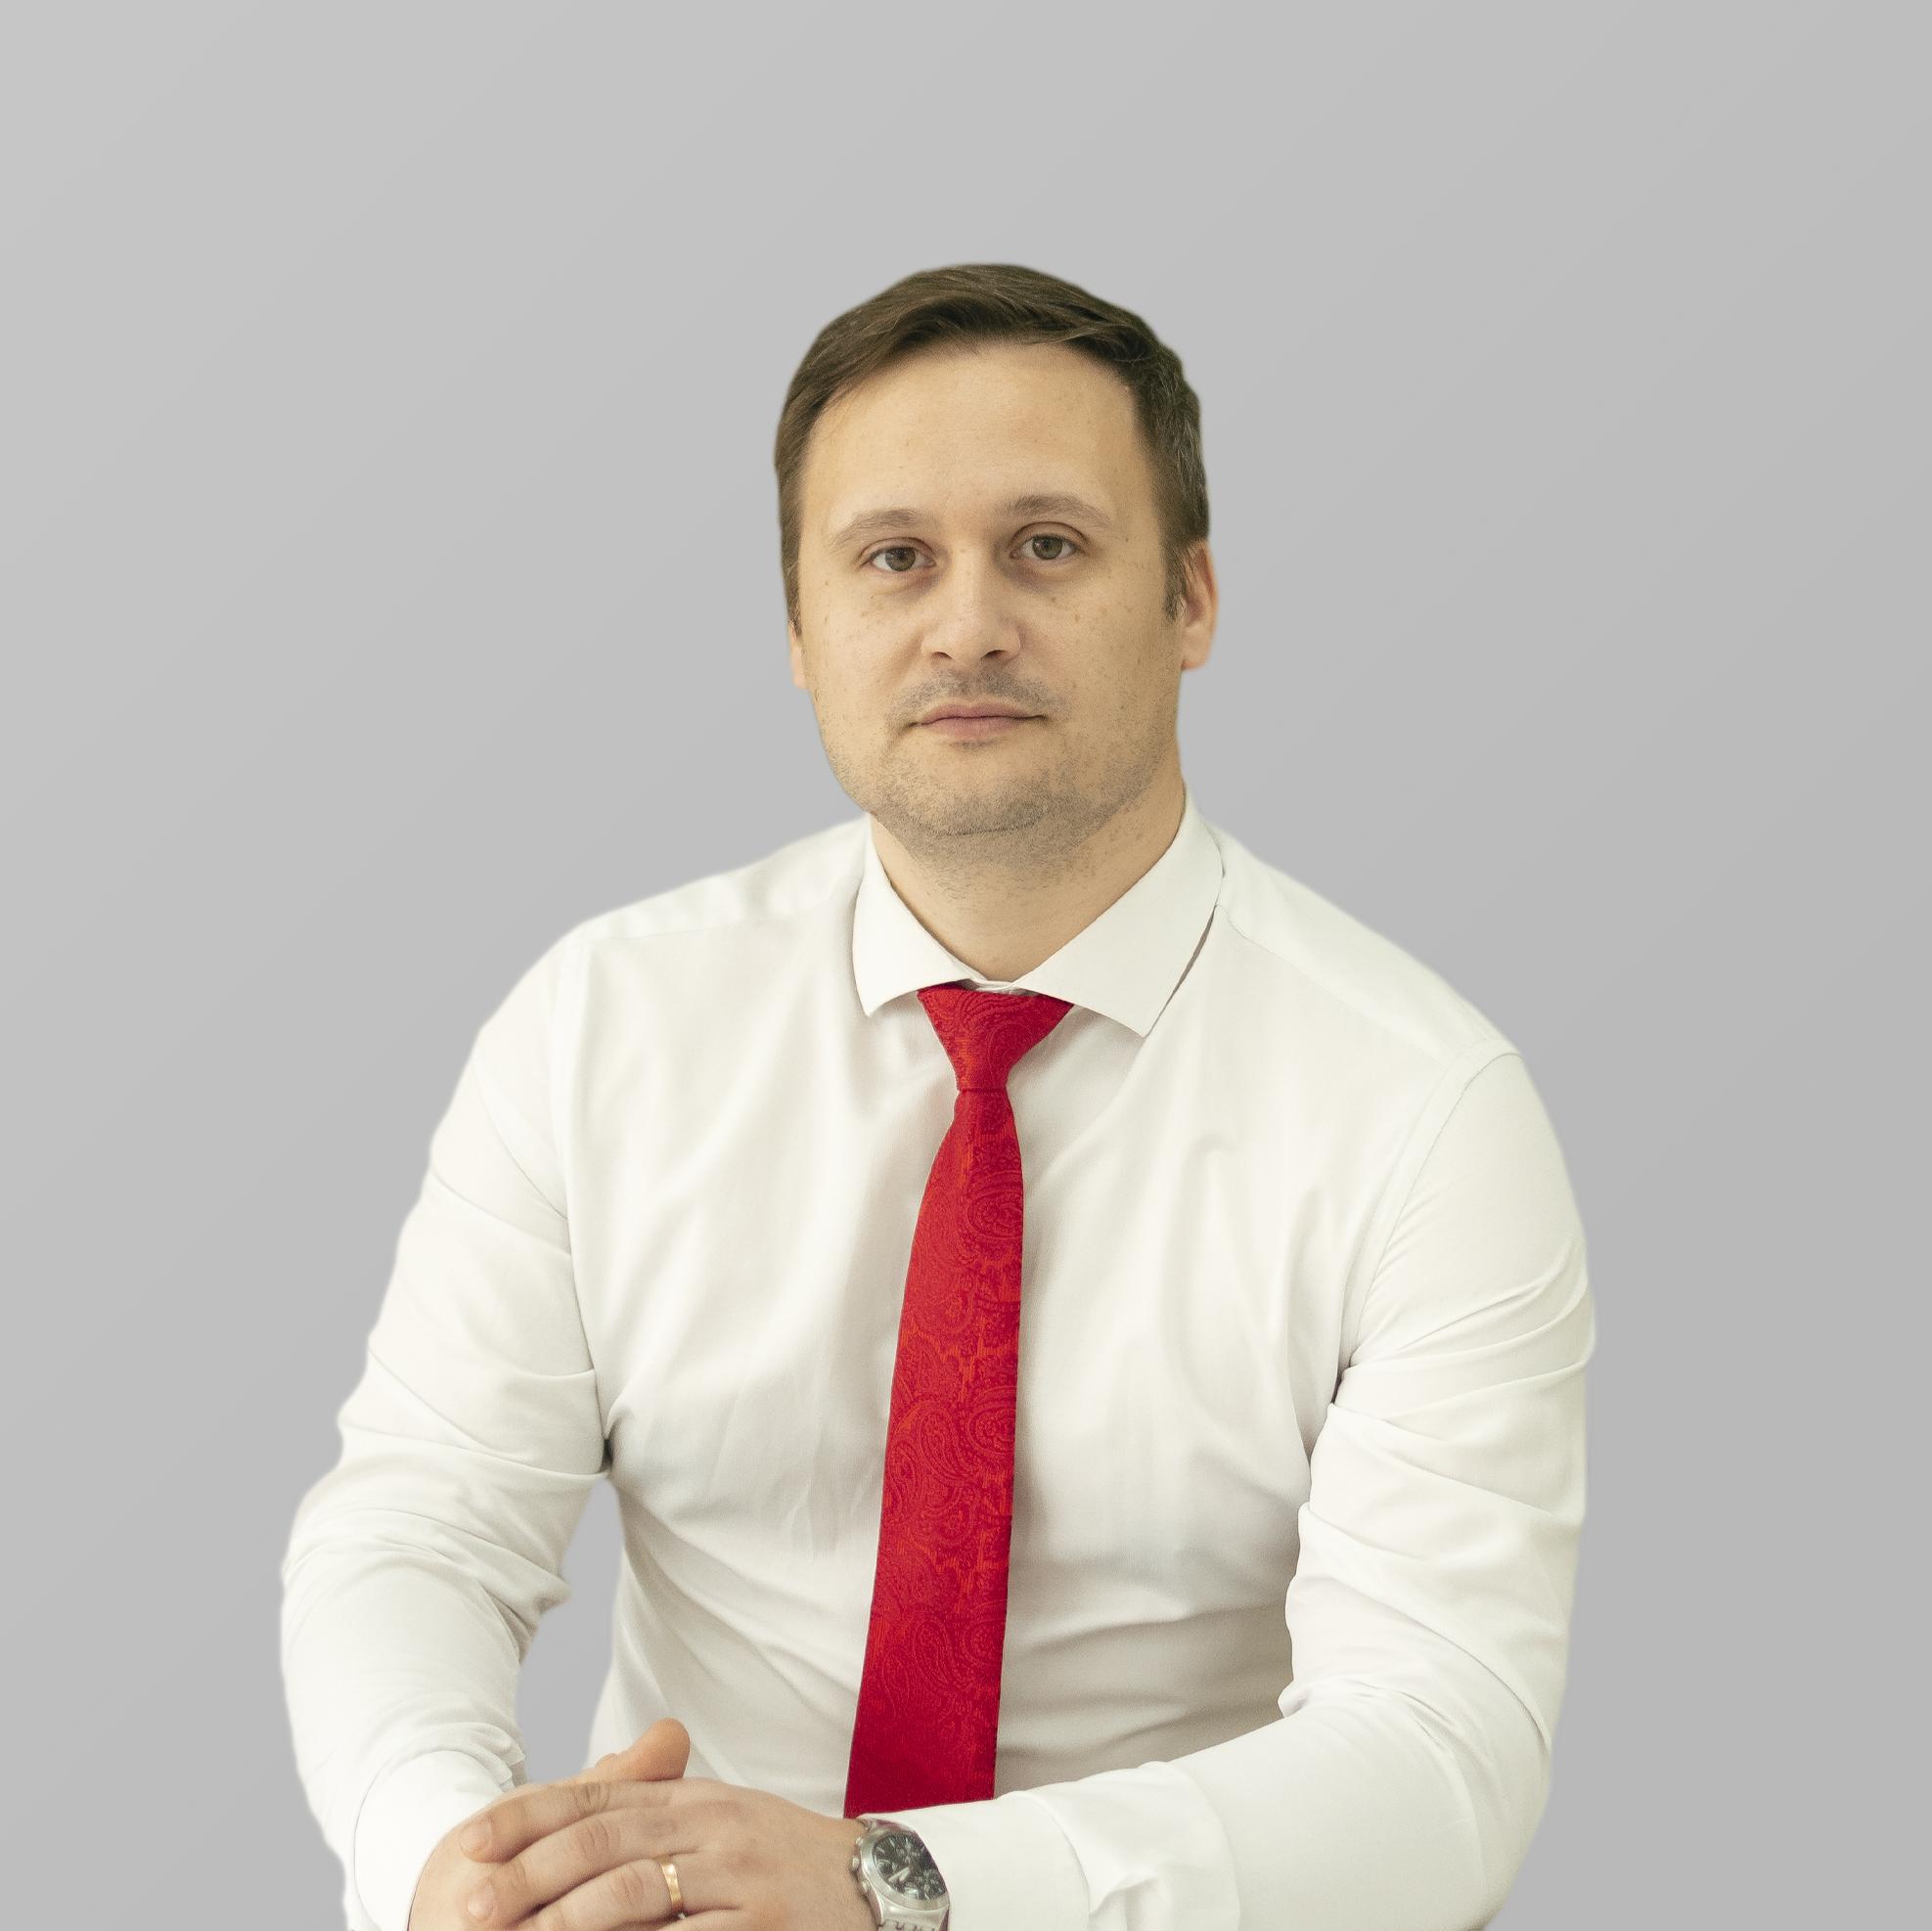 Галанин Илья Николаевич